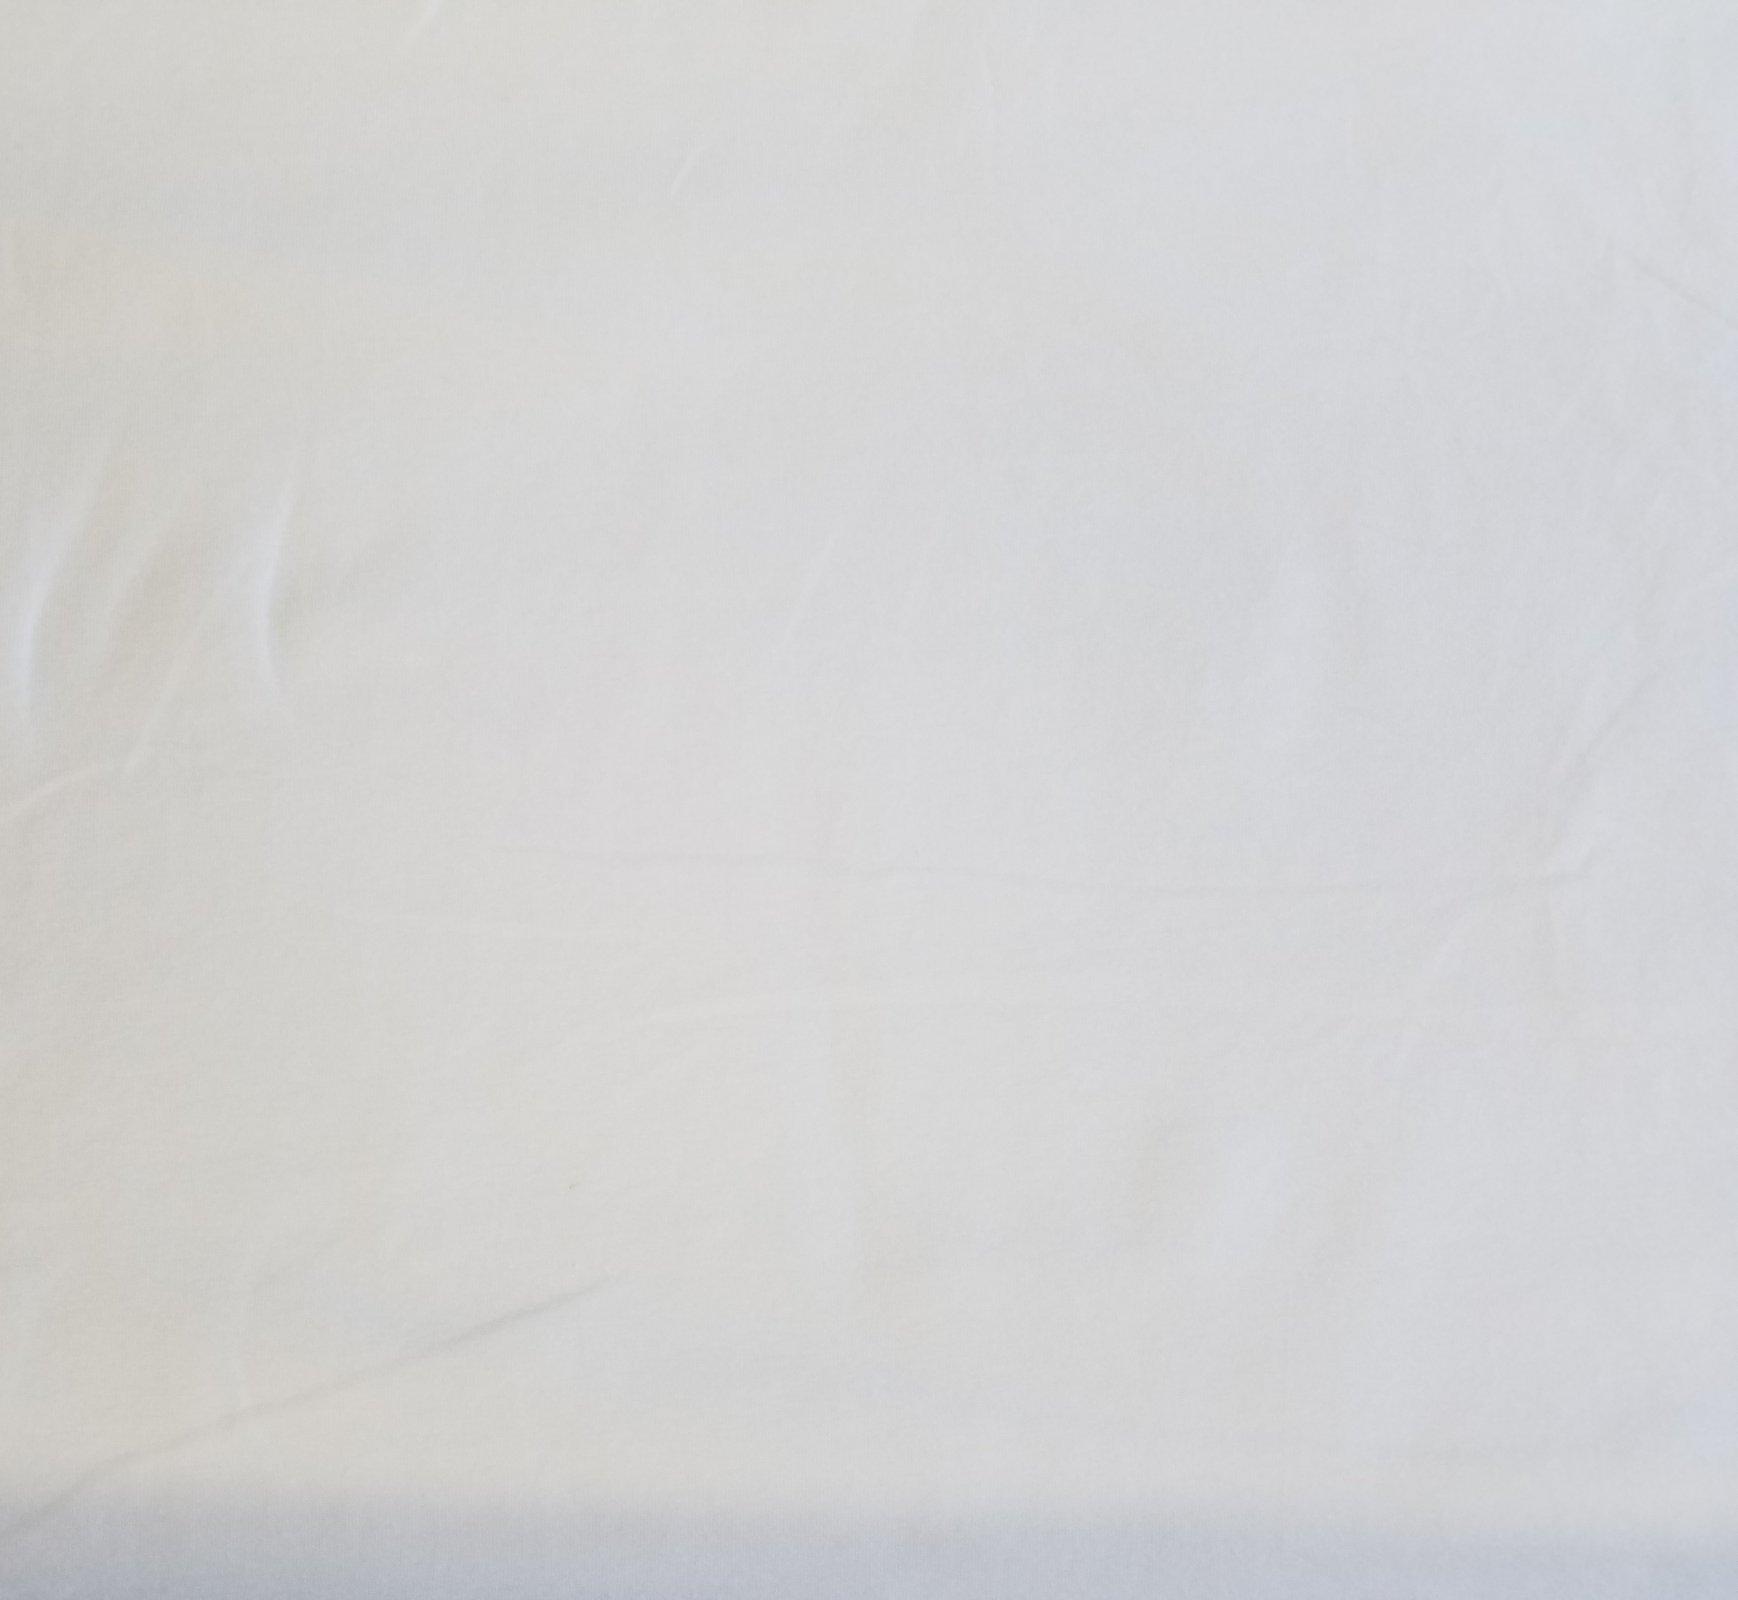 White - Cotton/Spandex Knit